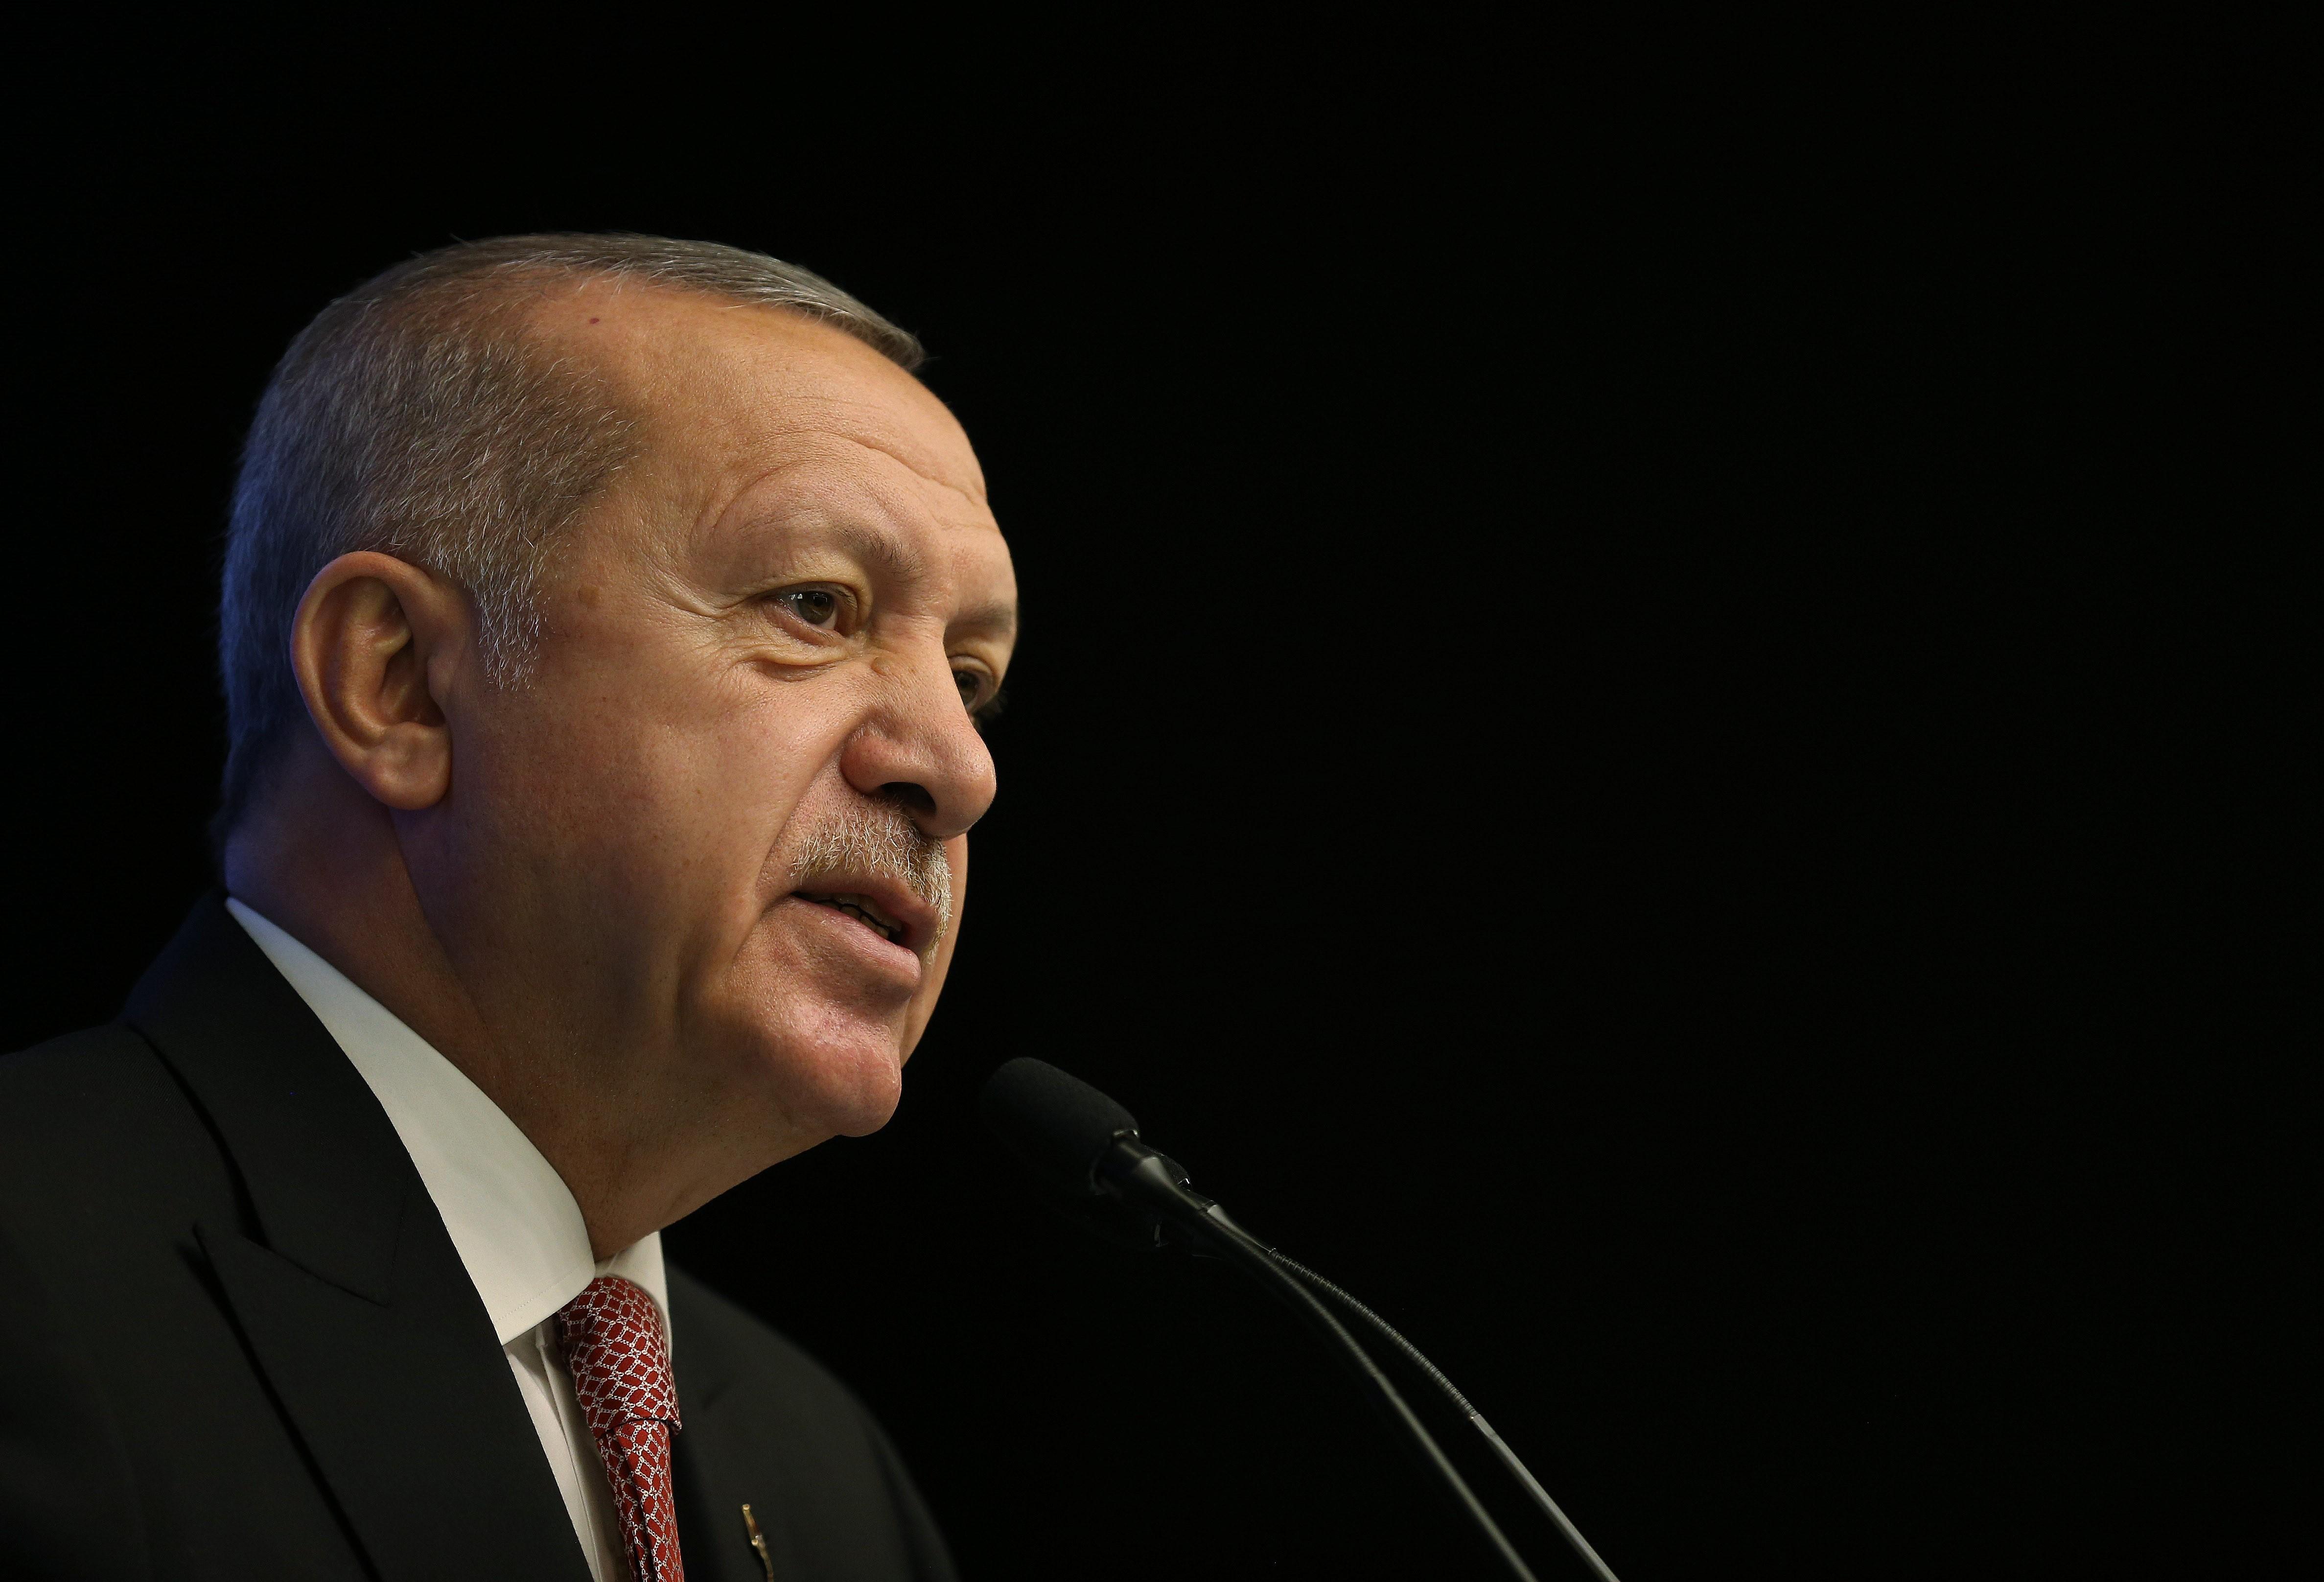 A Financial Times szerint Törökország hazudott a devizatartalékáról, Erdogan szerint viszont a lapot az zavarja, hogy kiállnak az igazságtalanságokkal szemben